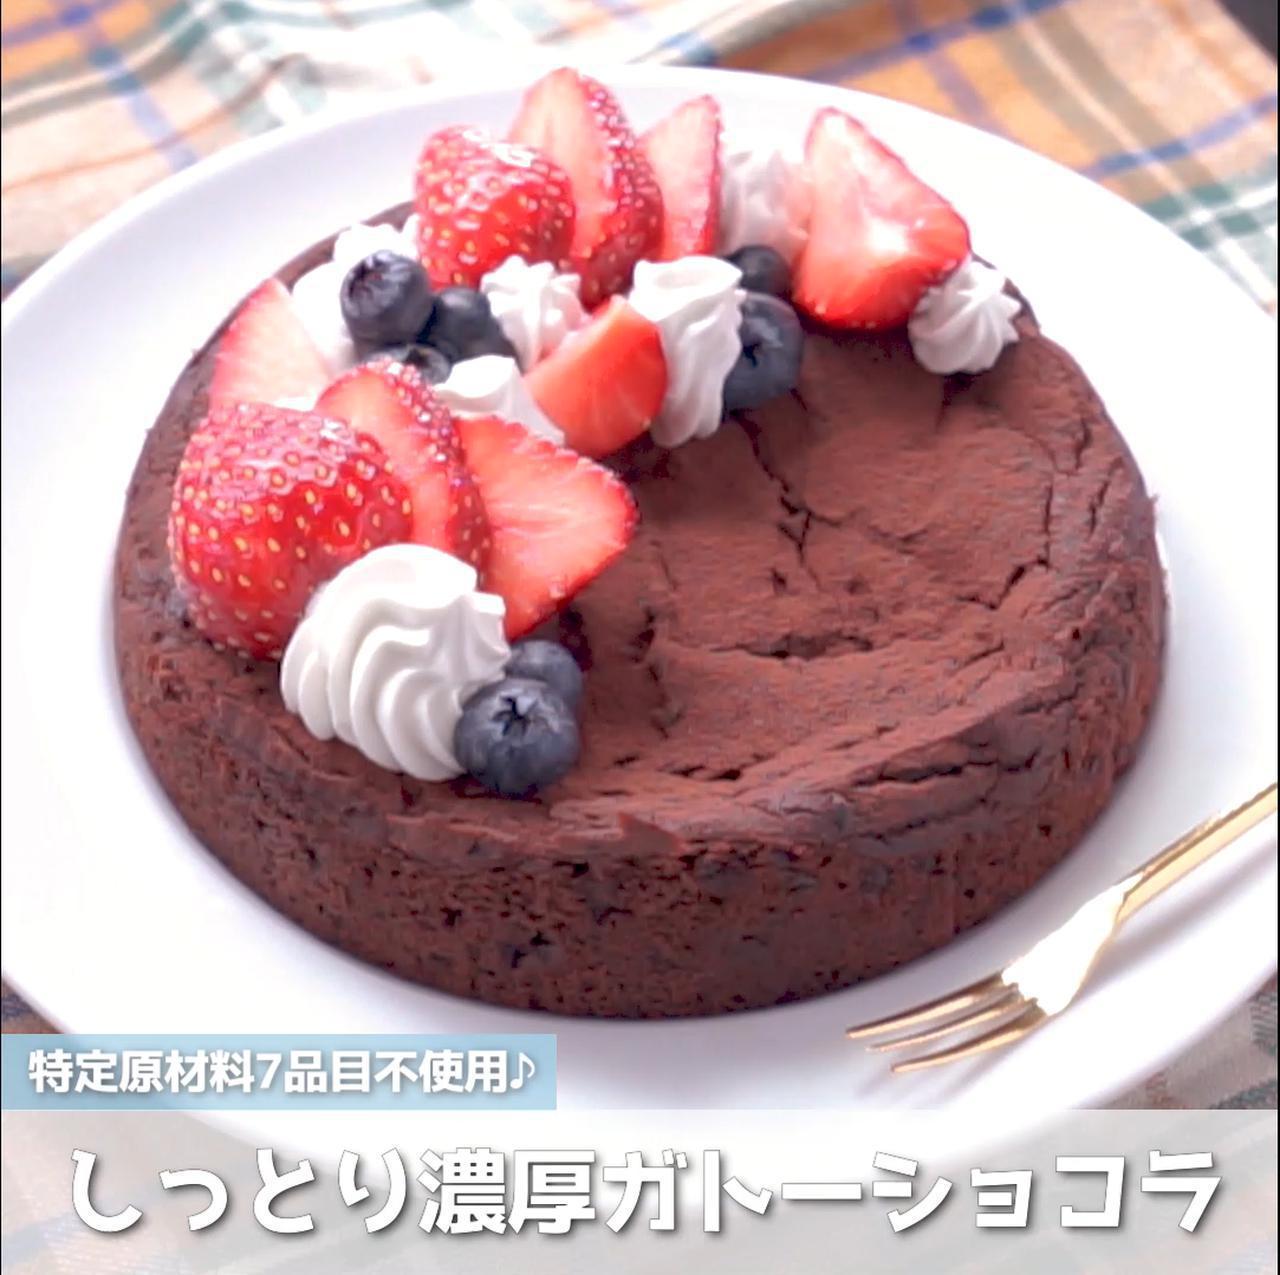 画像: 誕生日、クリスマス、バレンタインにも! 特定原材料7品目不使用の万能ケーキレシピまとめ - 君とごはん